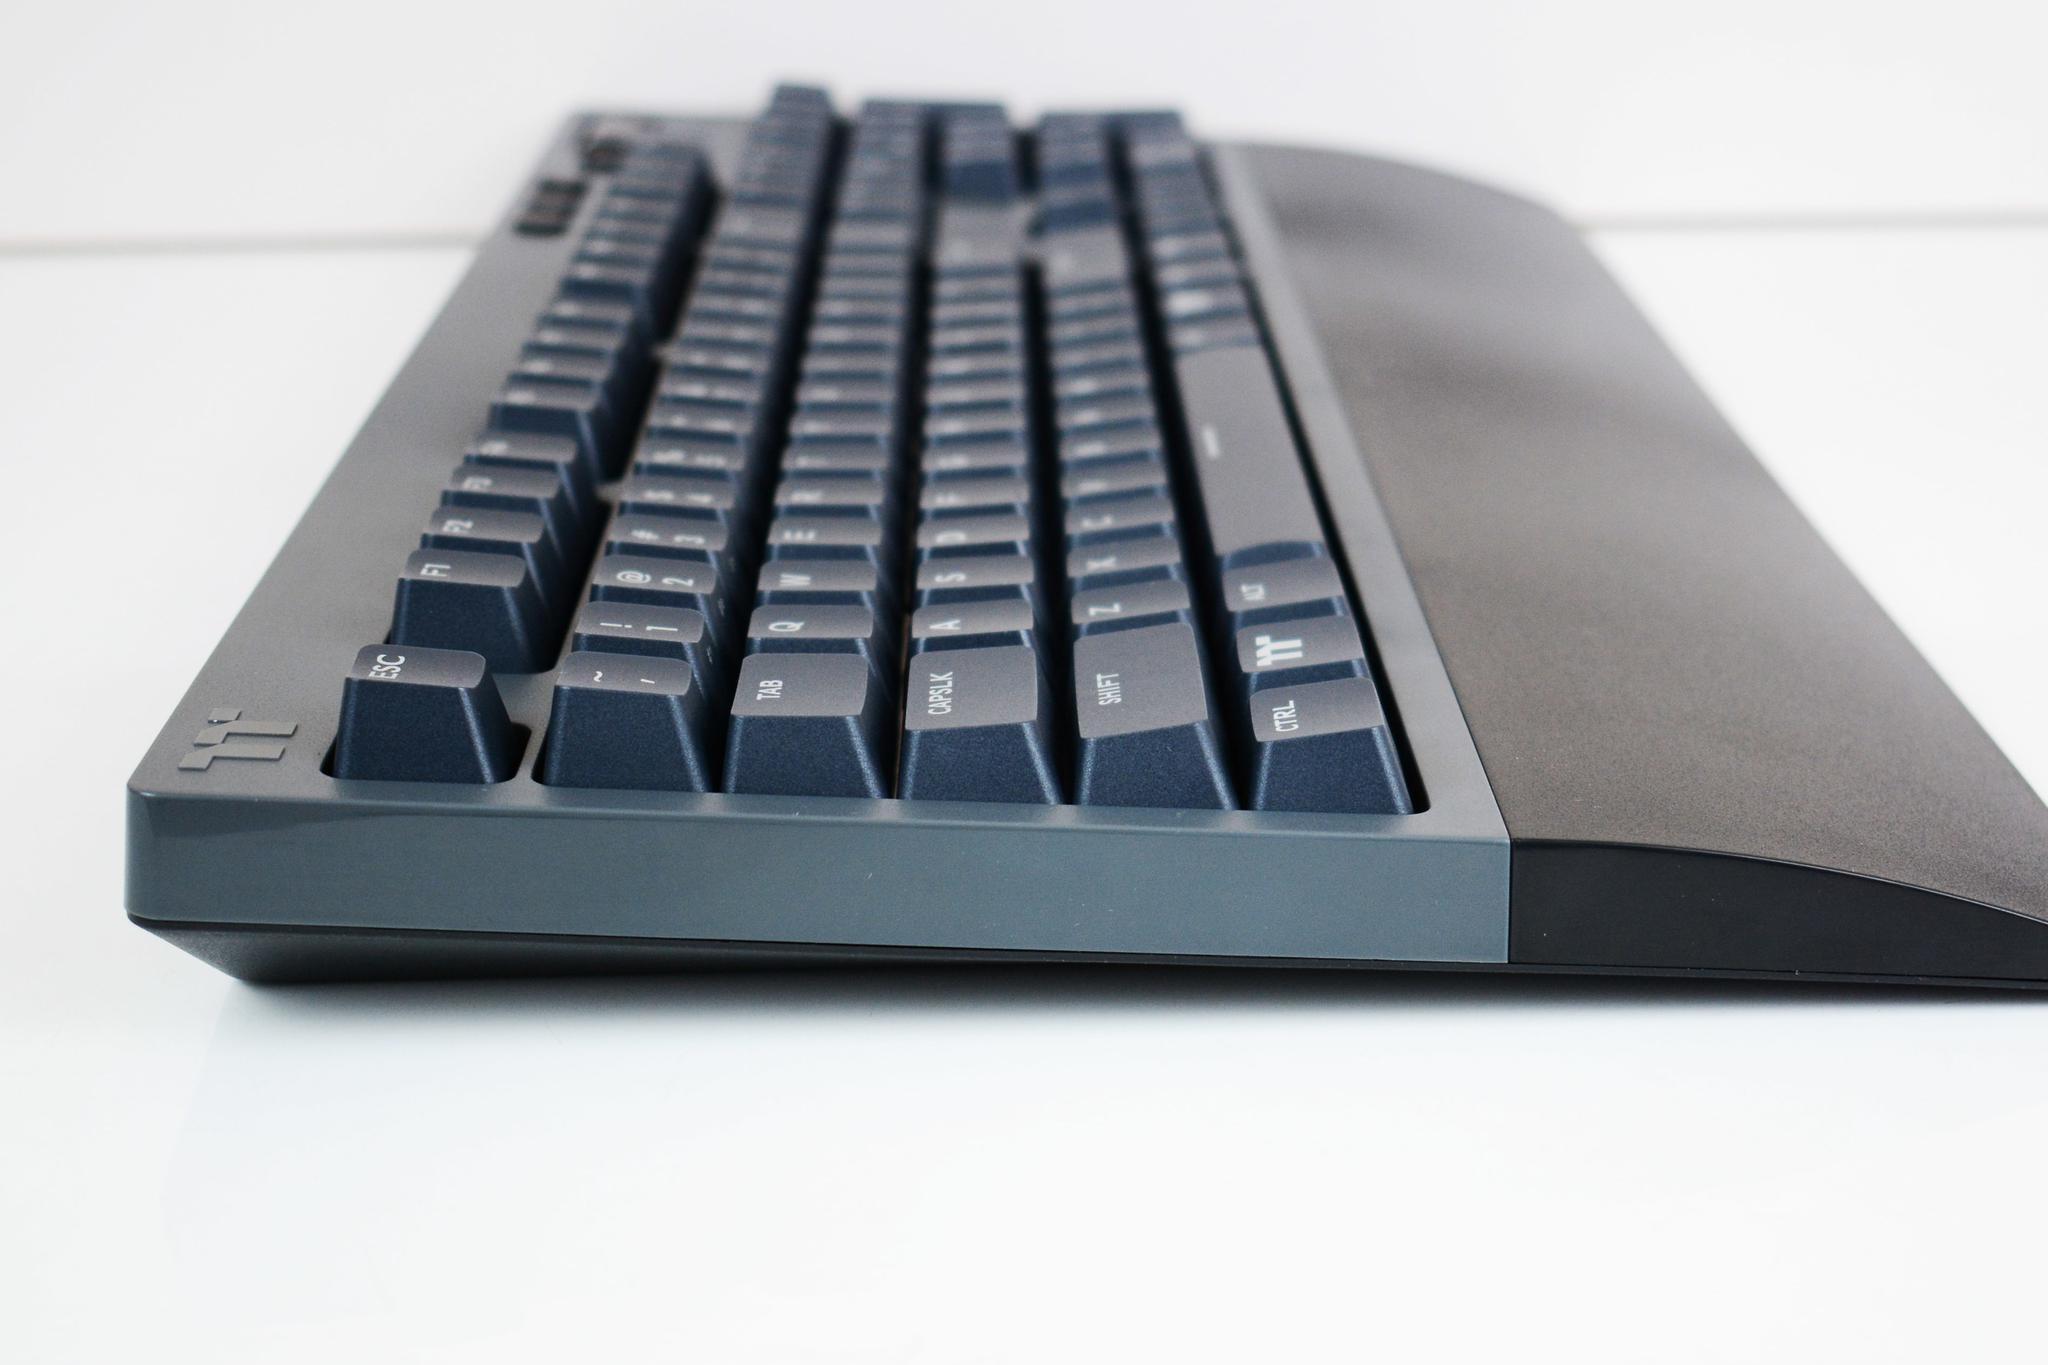 国产TTC轴初体验,TT G521三模机械键盘 上手